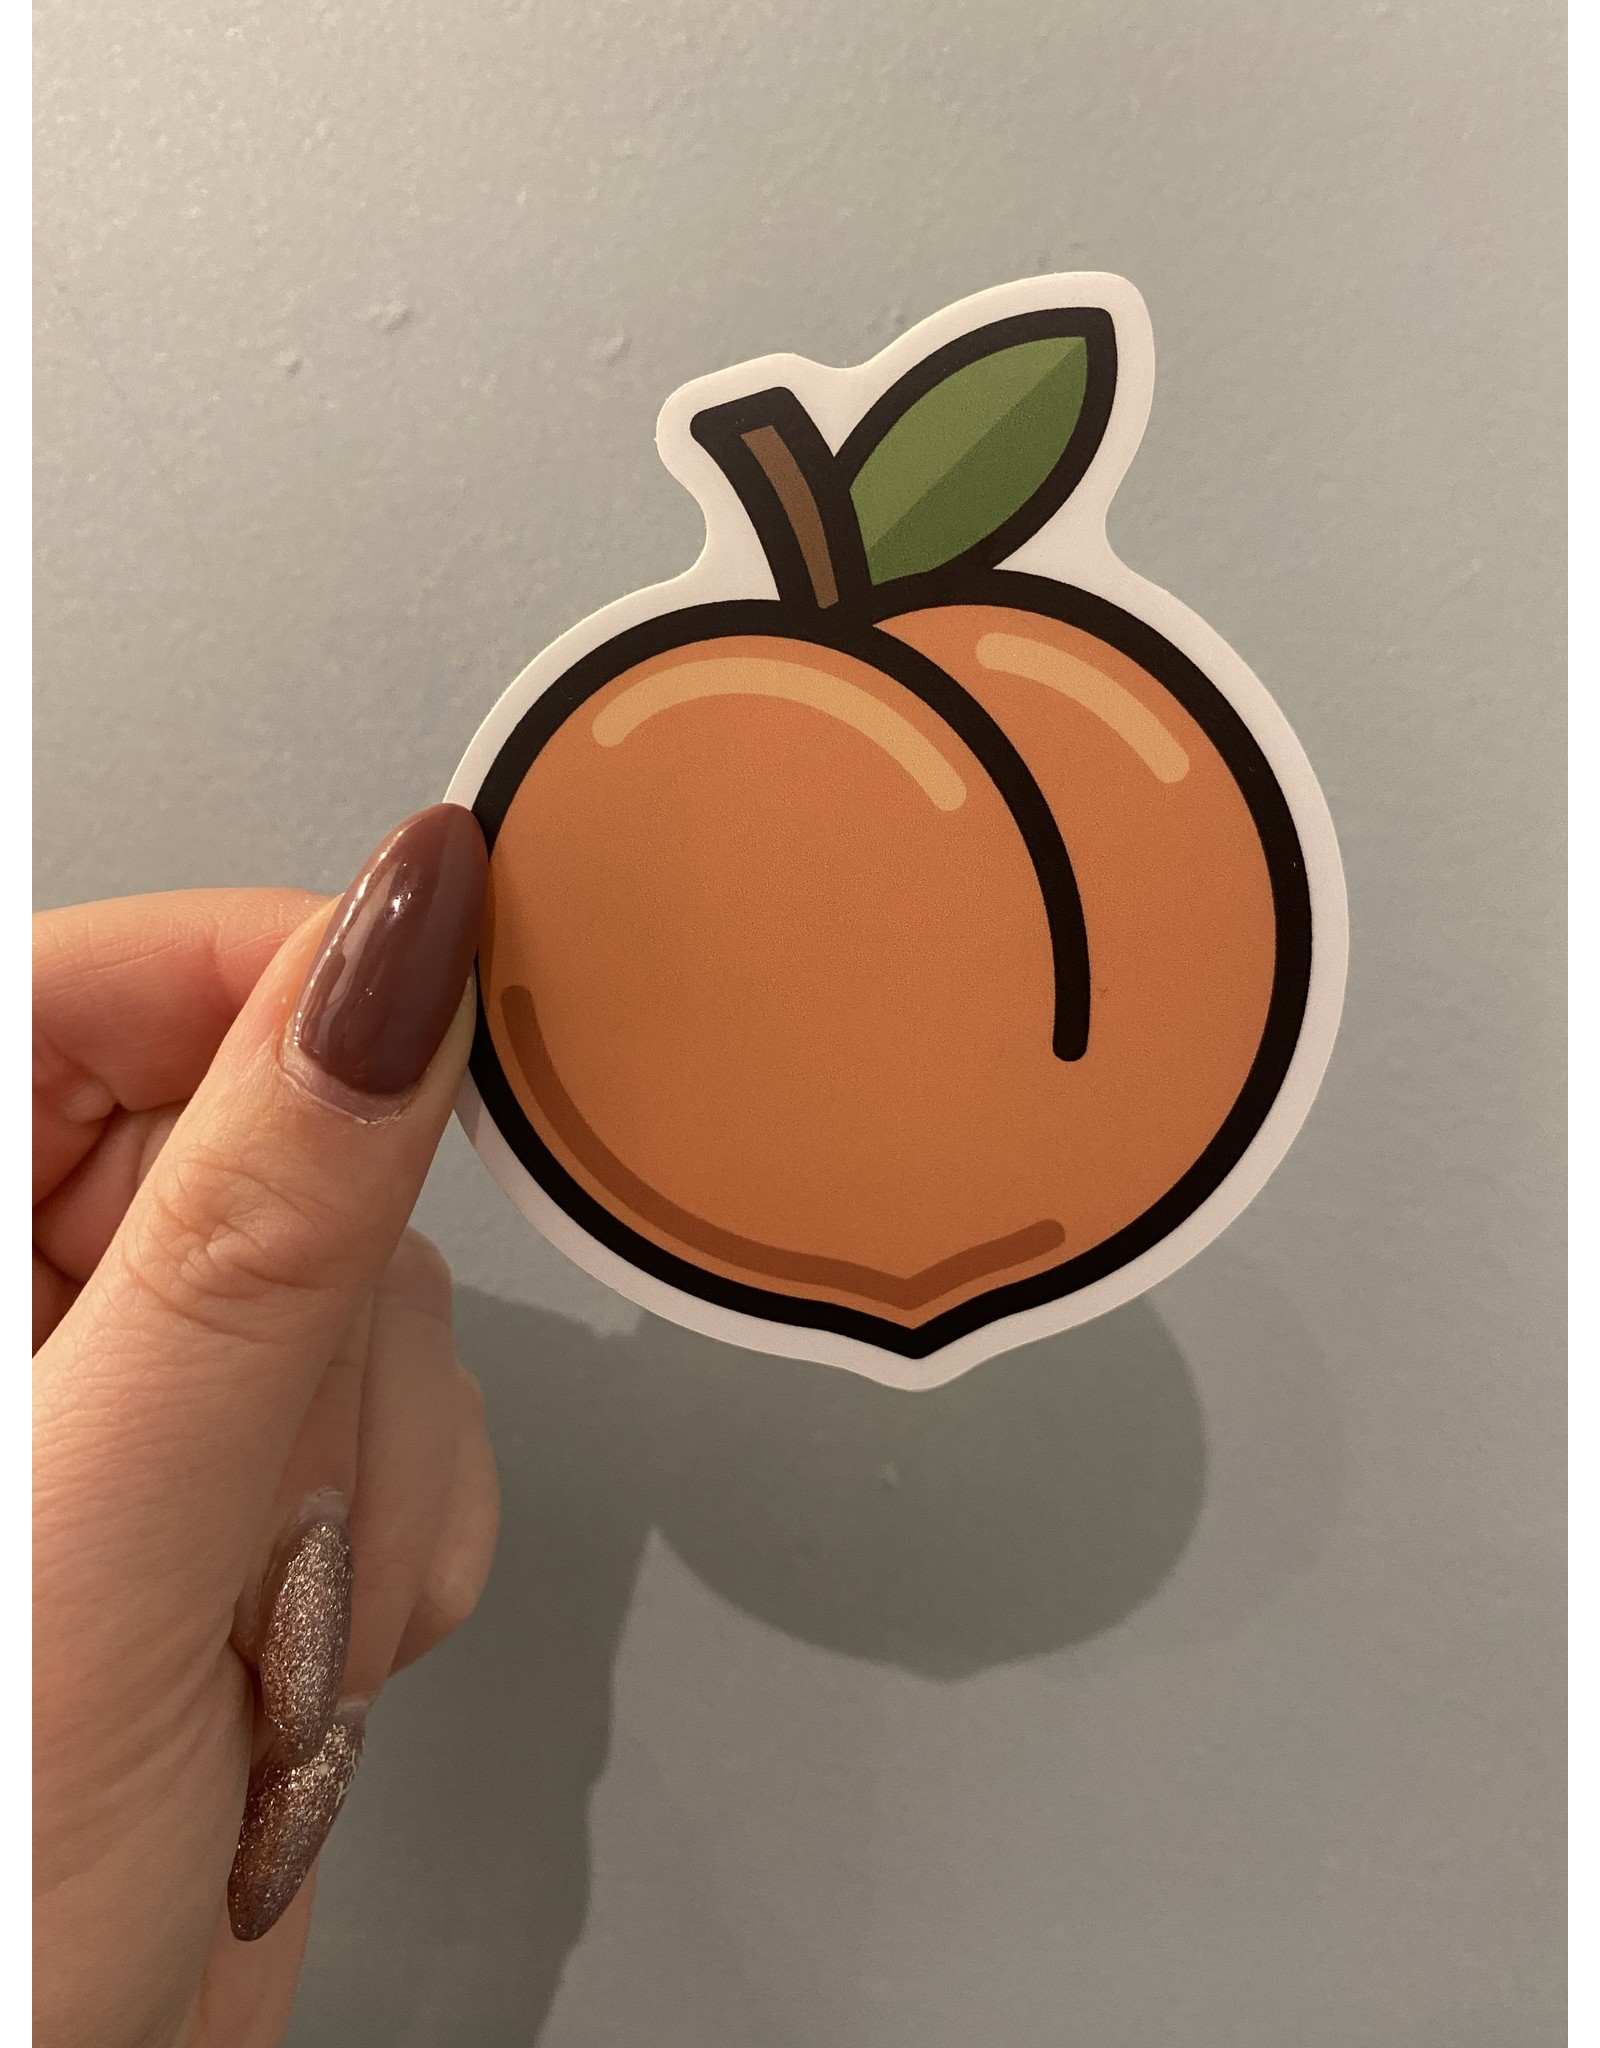 SST - Peach Sticker